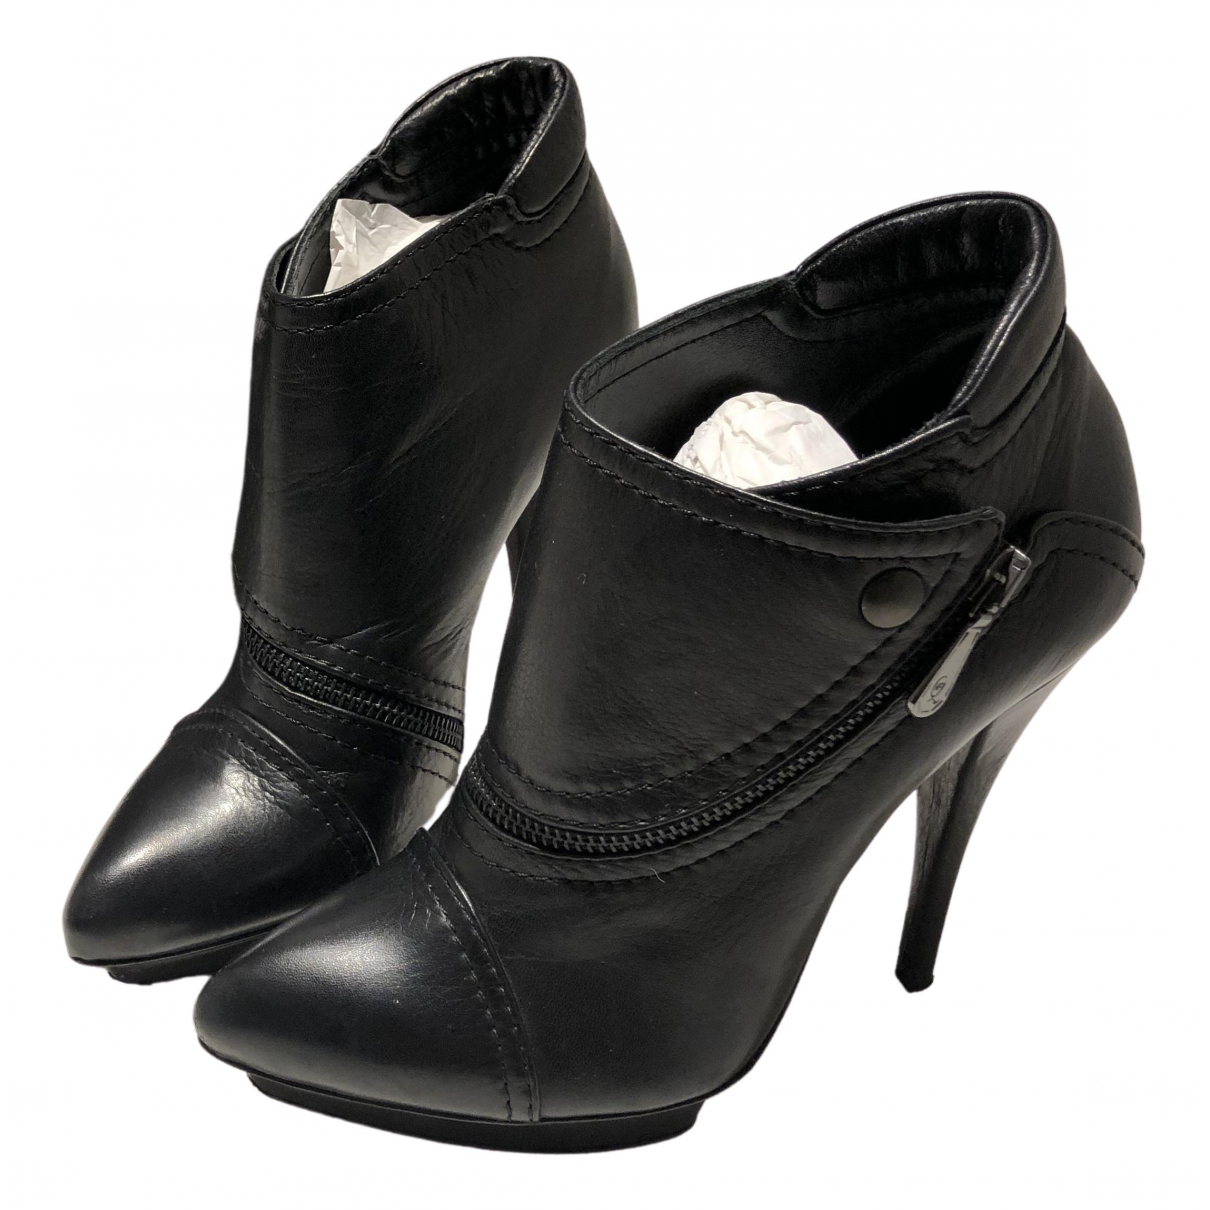 Mcq - Bottes   pour femme en cuir - noir